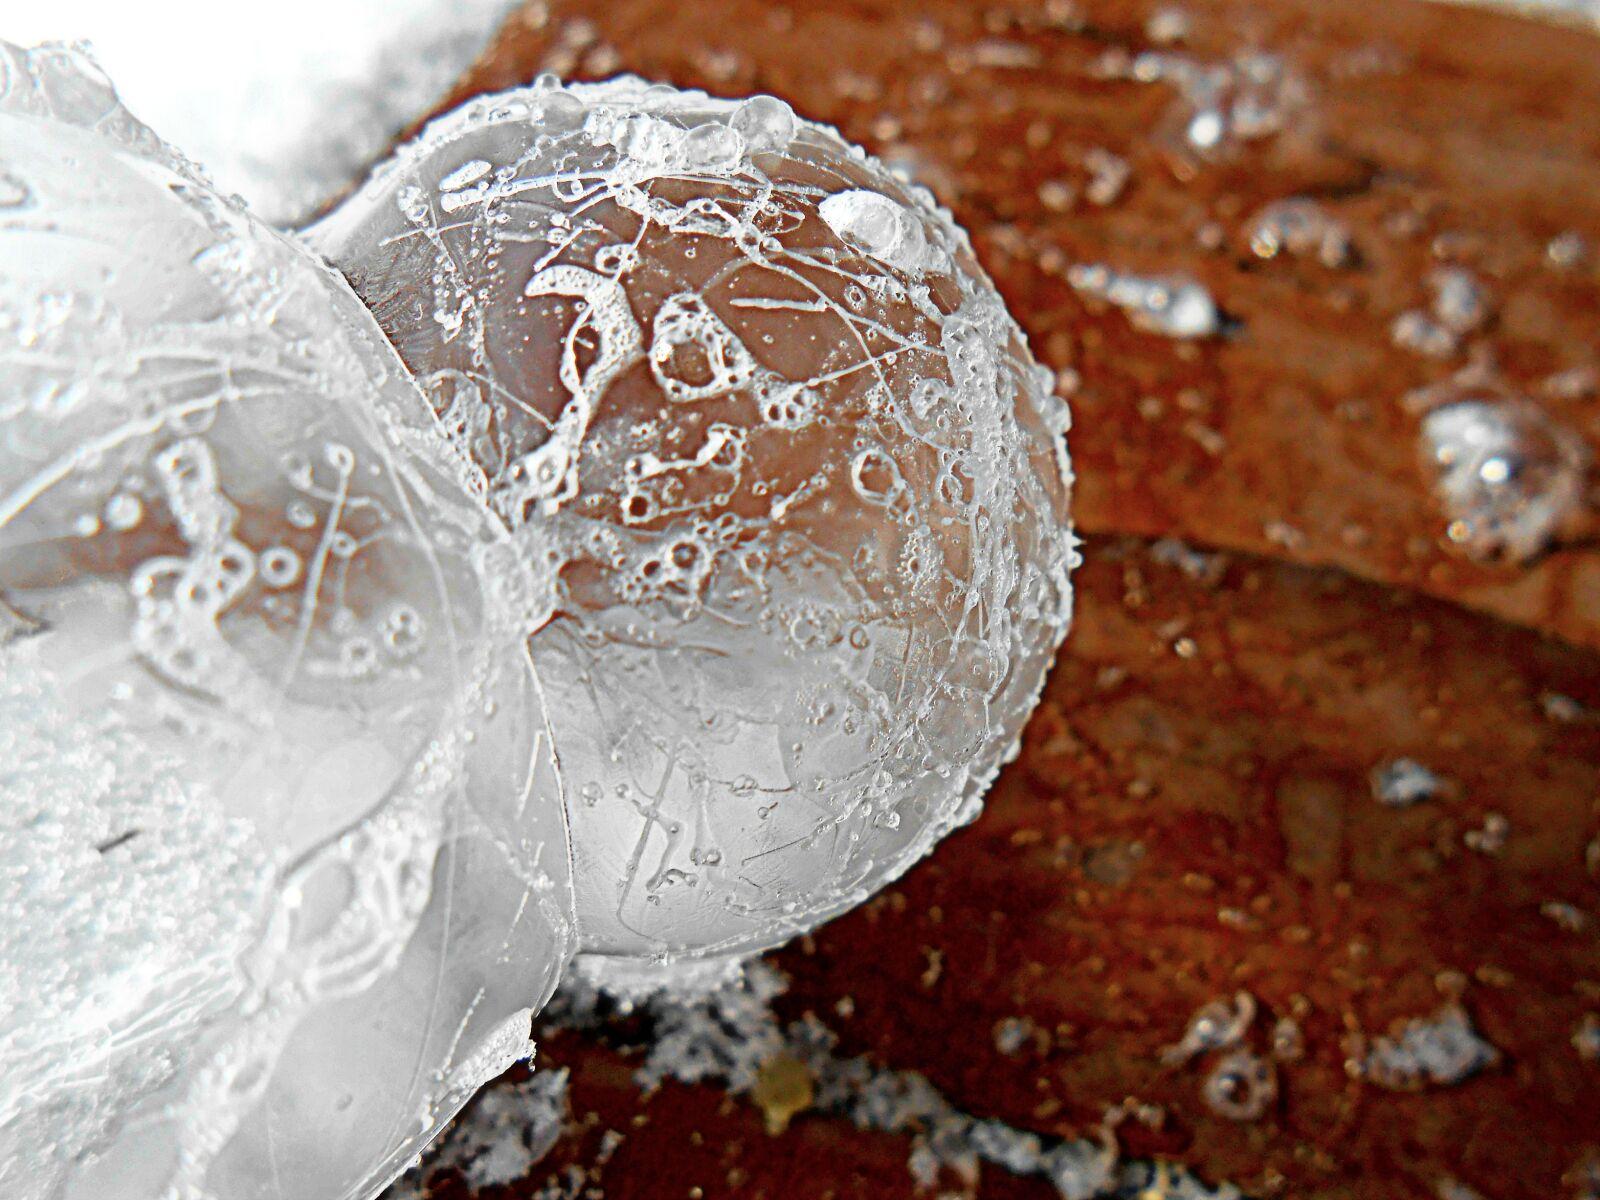 """Nikon Coolpix S4300 sample photo. """"Frozen, bubbles, bubble"""" photography"""